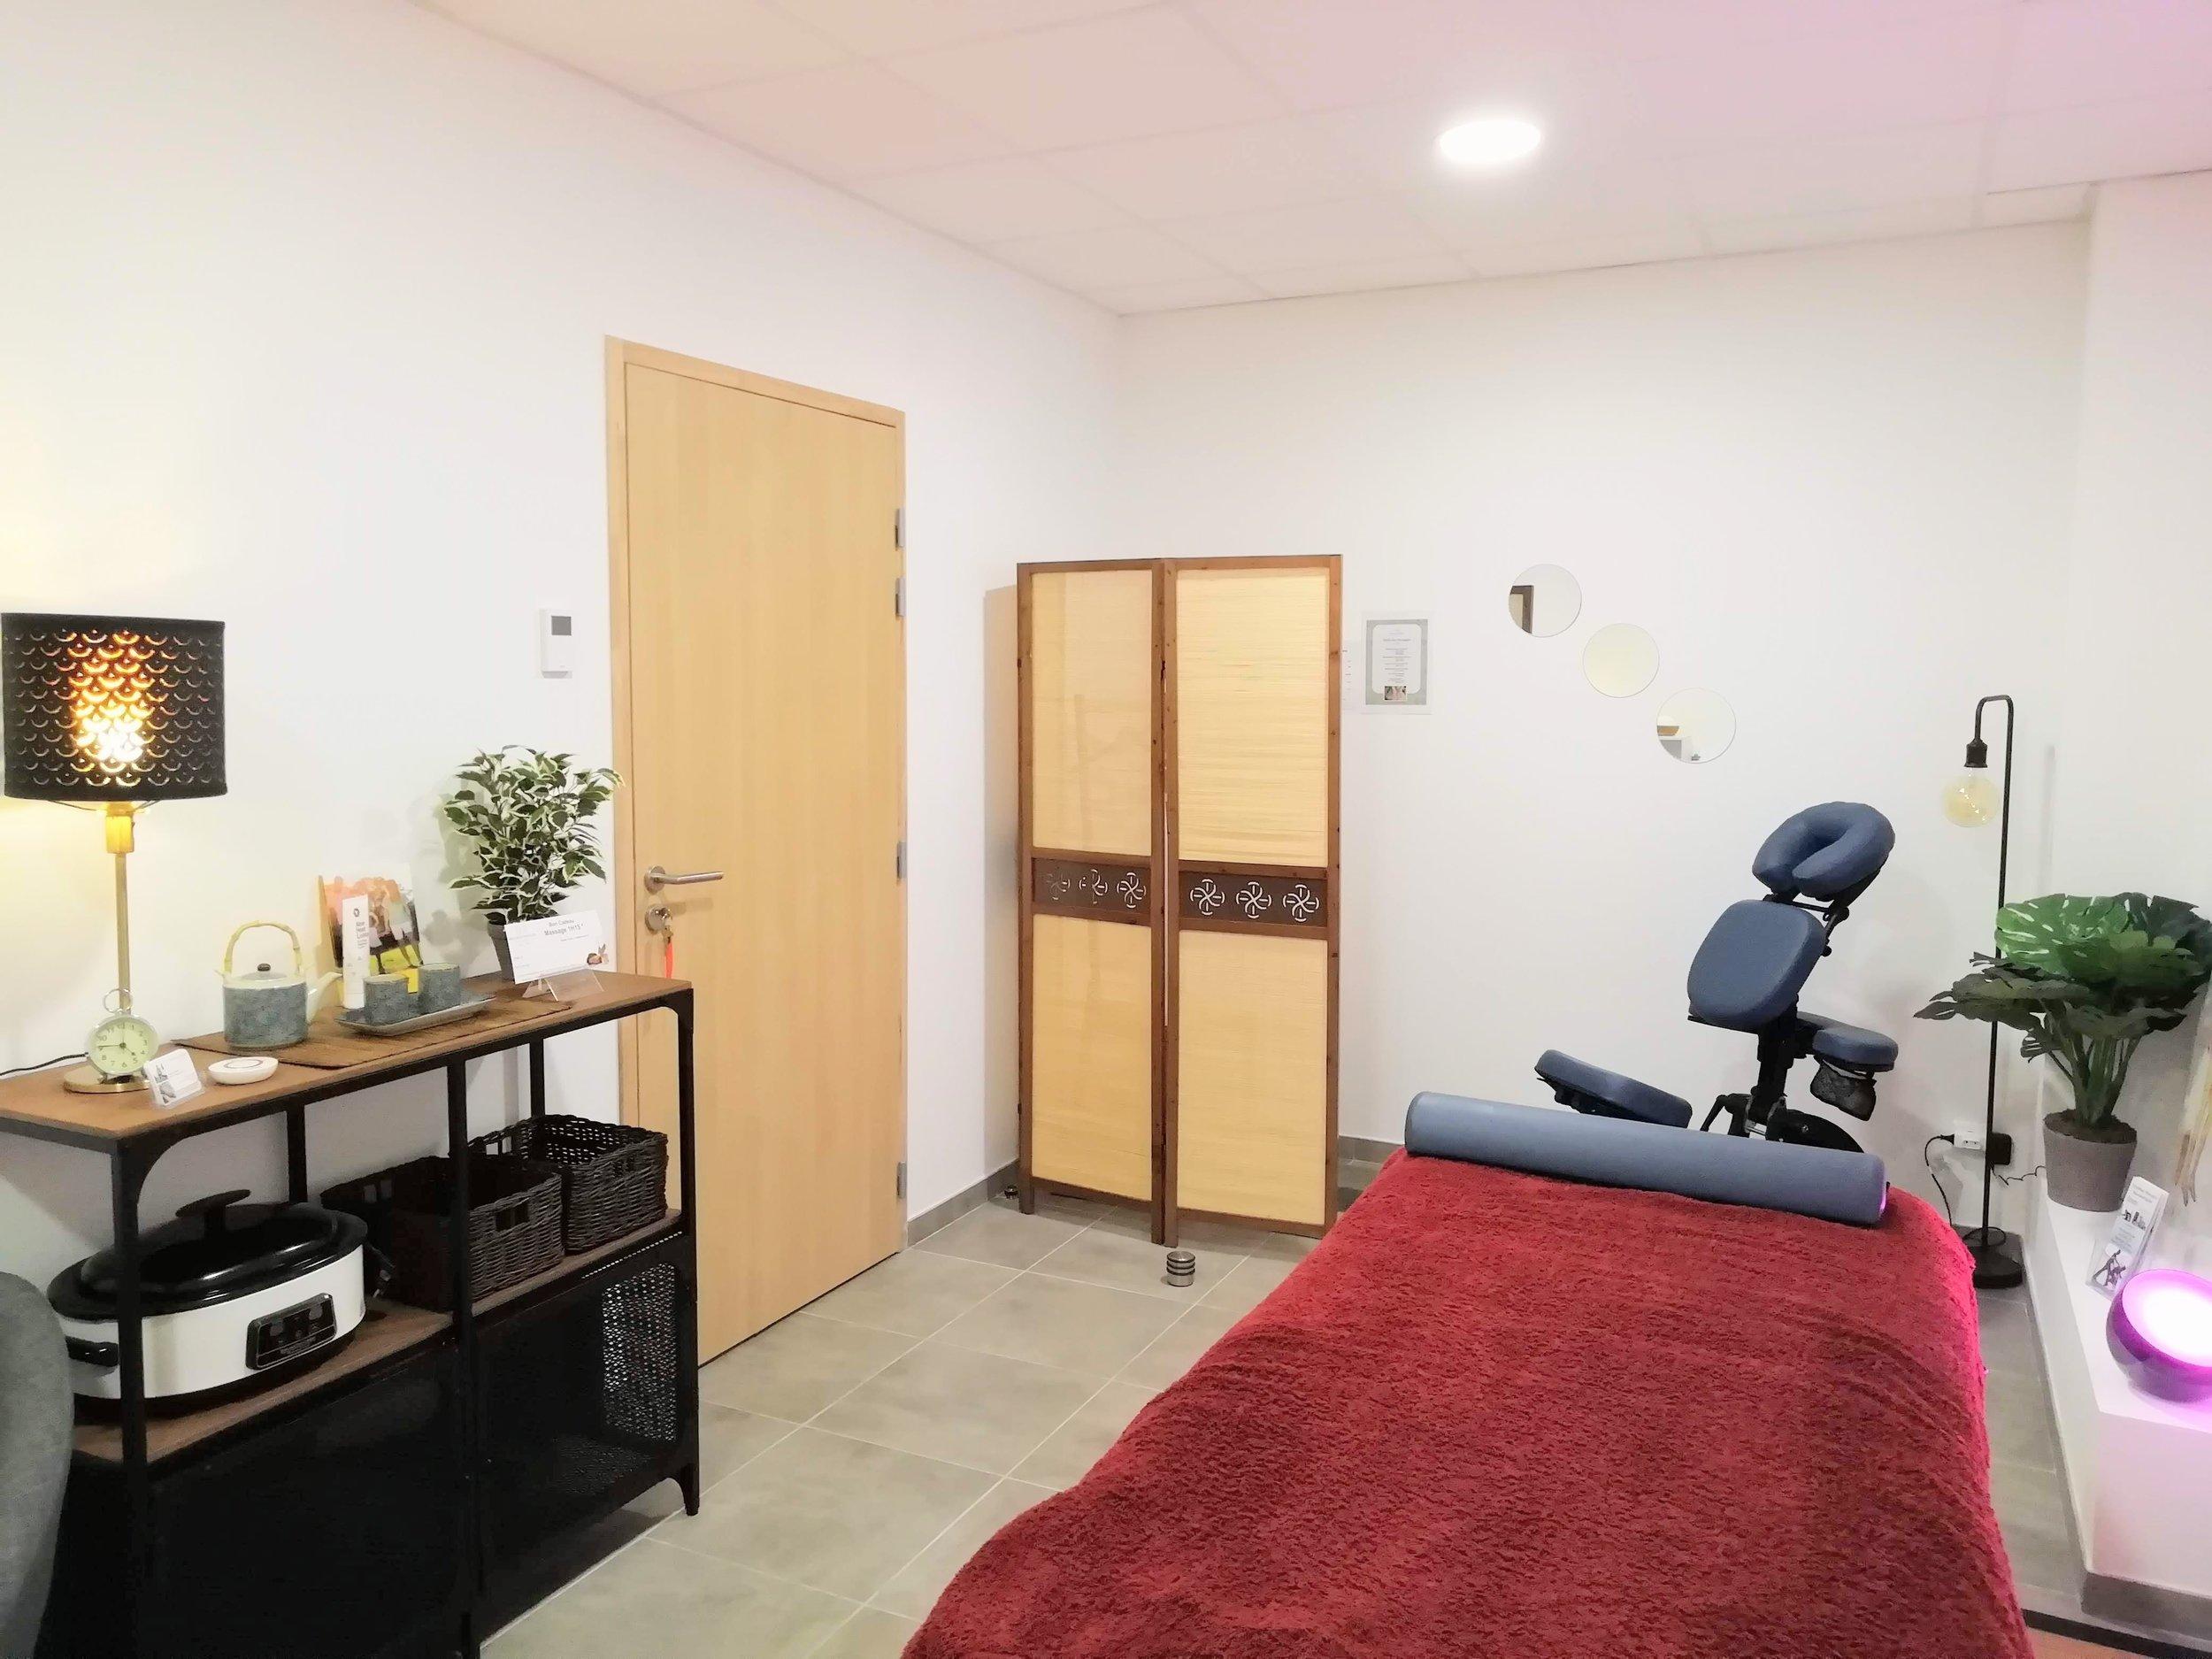 Séances de shiatsu sur table de massage, futon ou chaise ergonomique . vital shiatsu Arles 13 . Pôle Santé Camargue . 13200 Arles